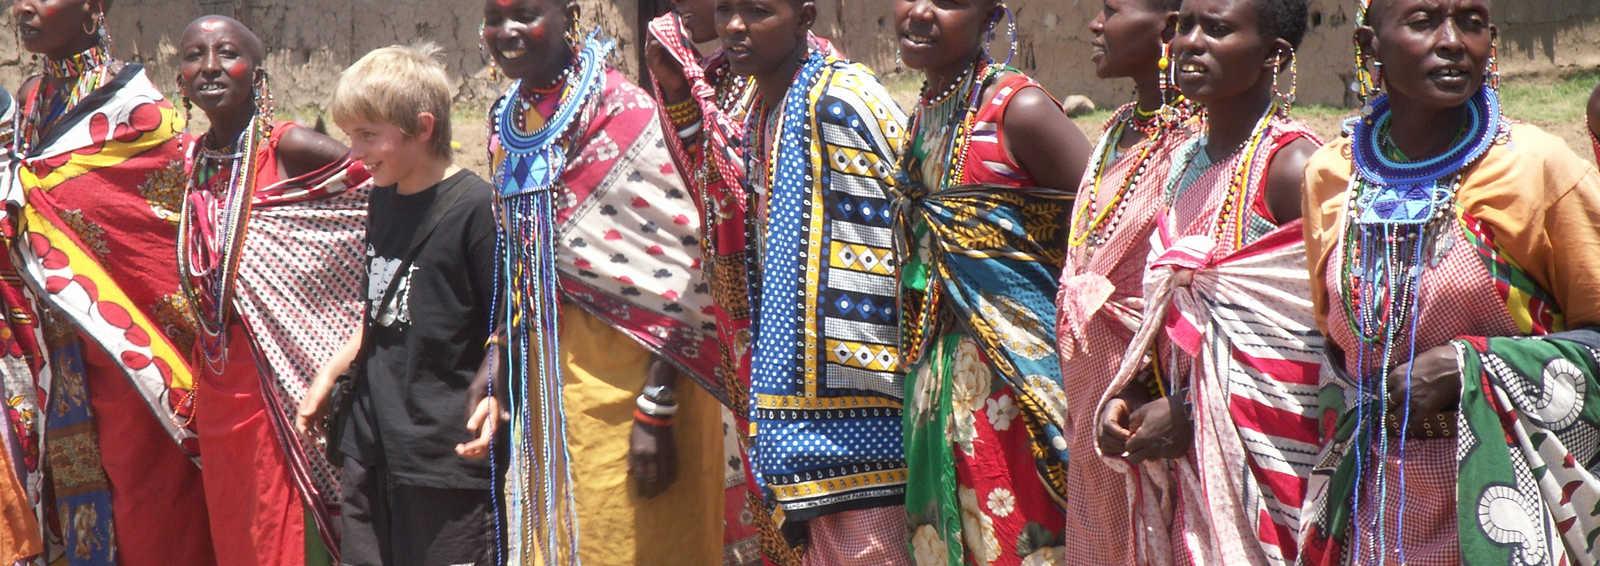 Boy with Masai women